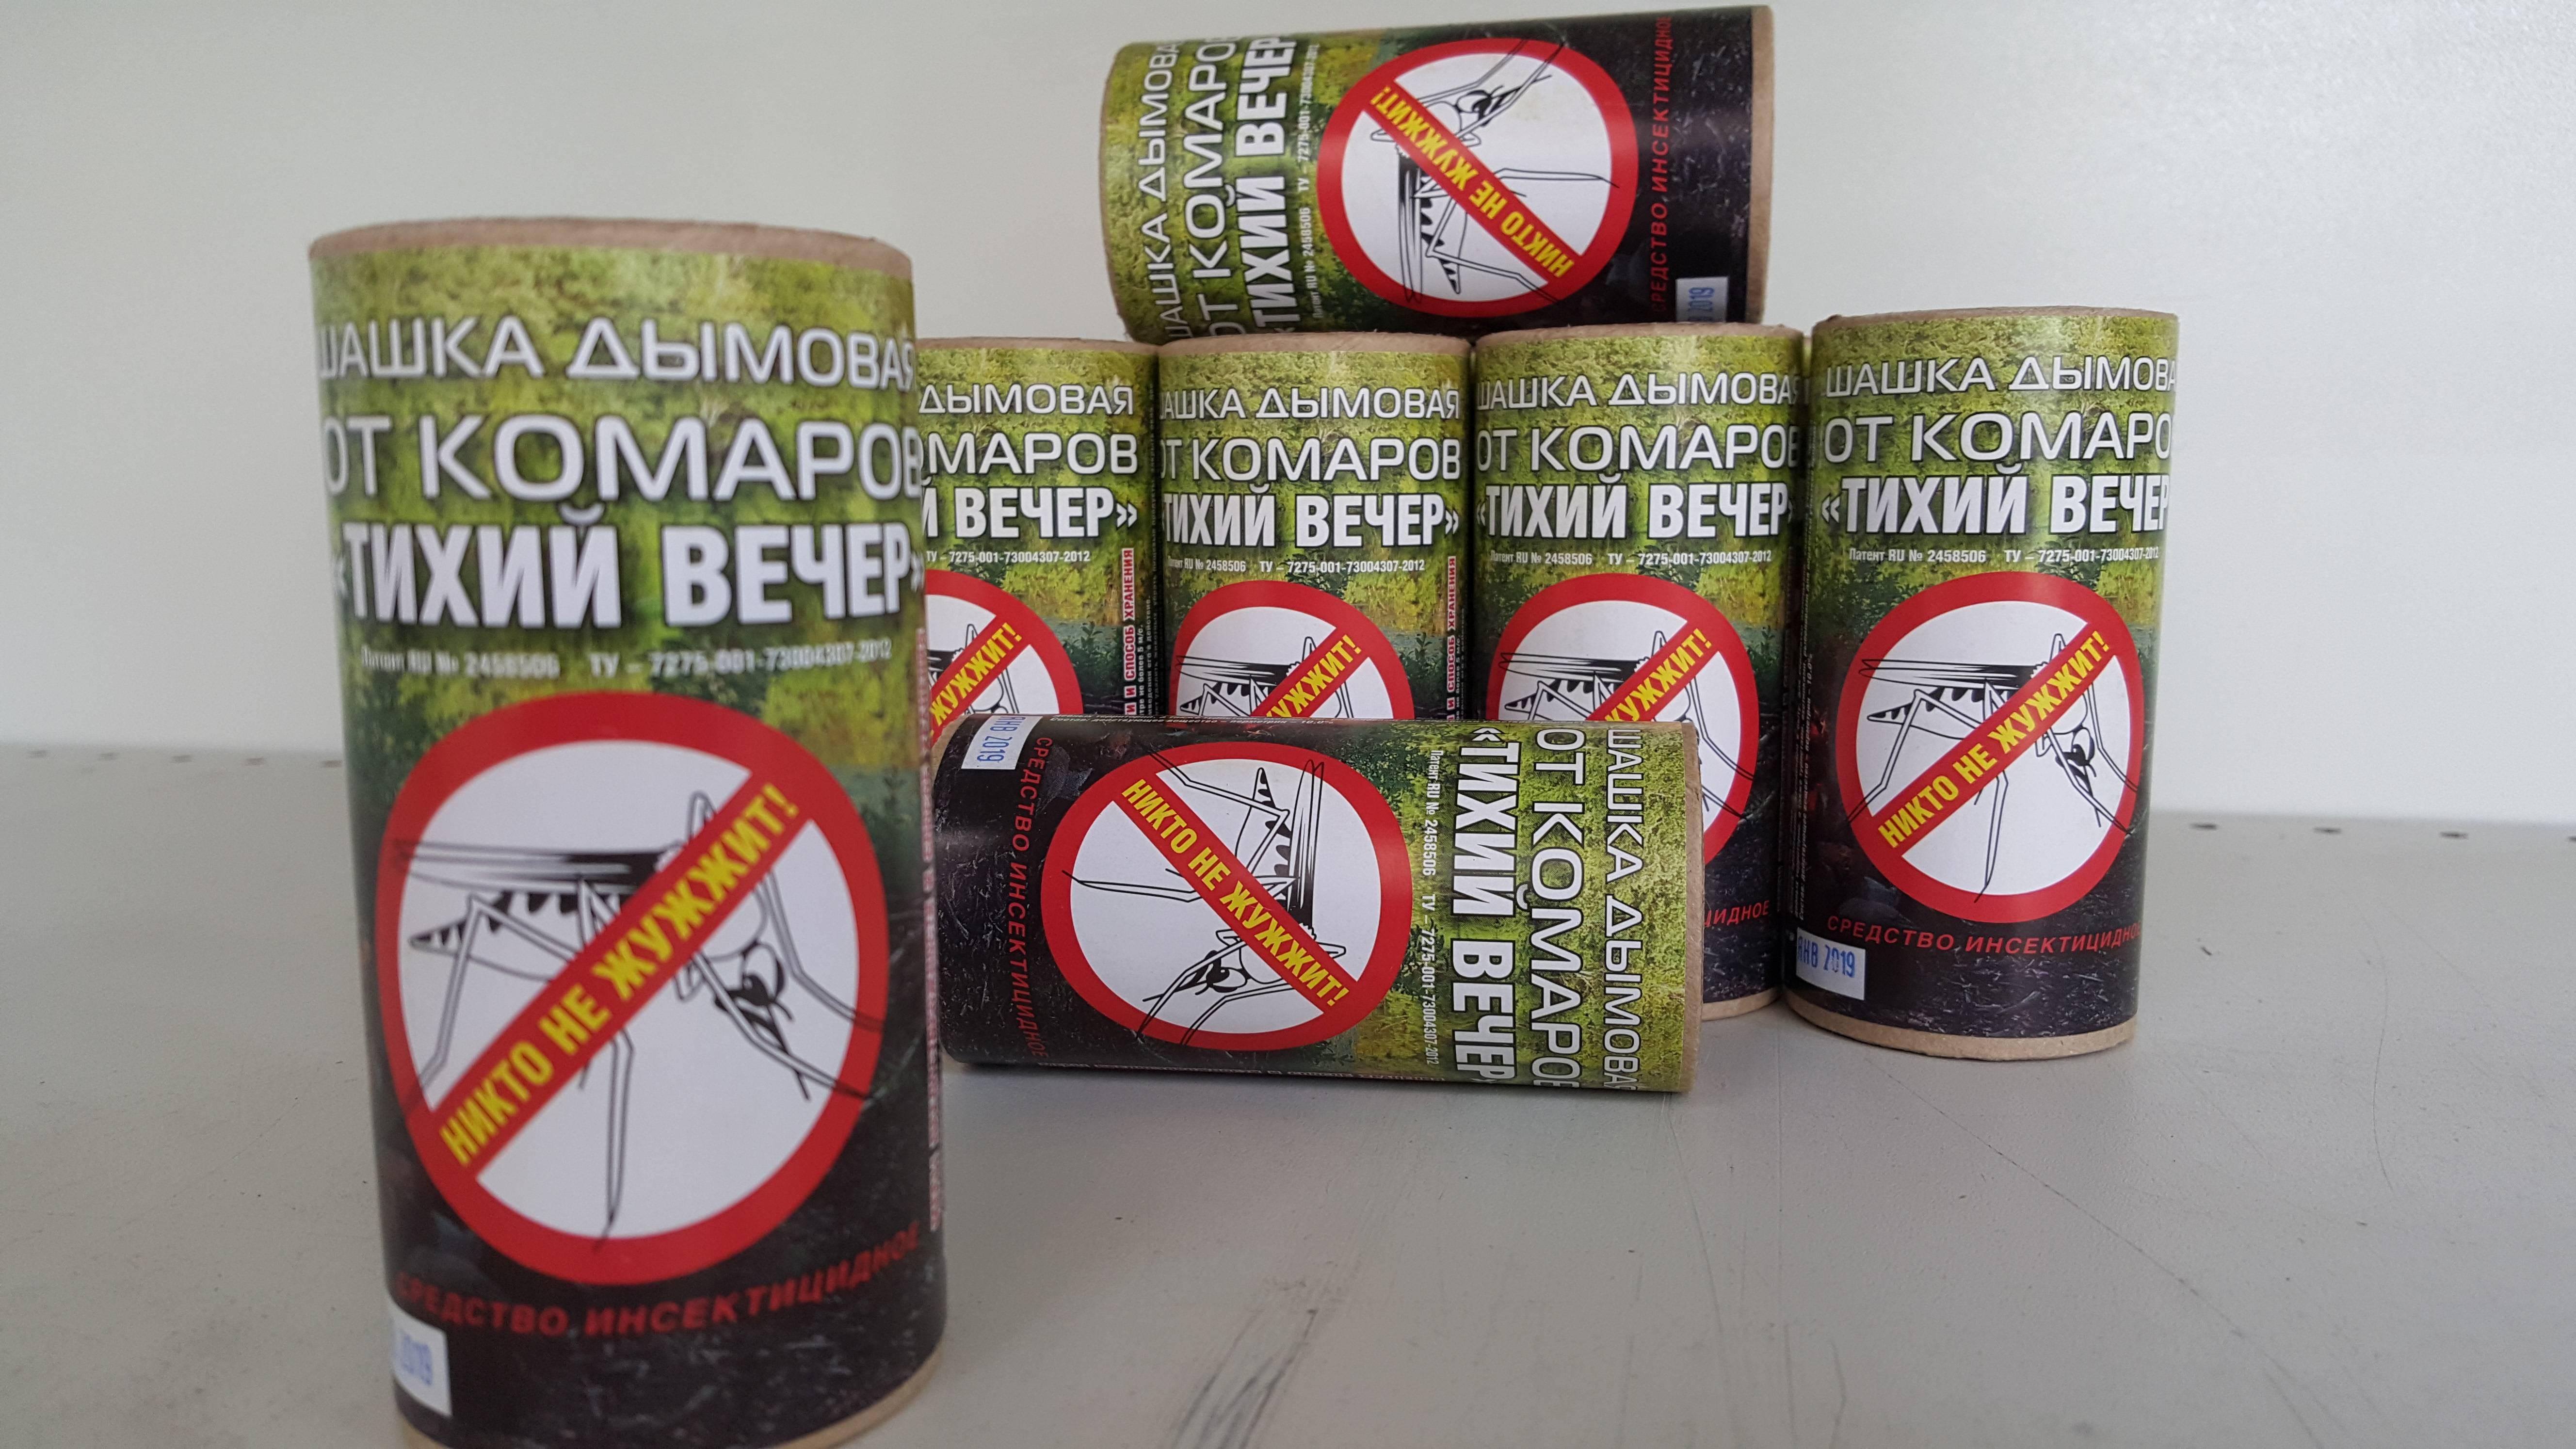 Дымовая шашка вихрь (100 гр): инструкция по применению и отзывы